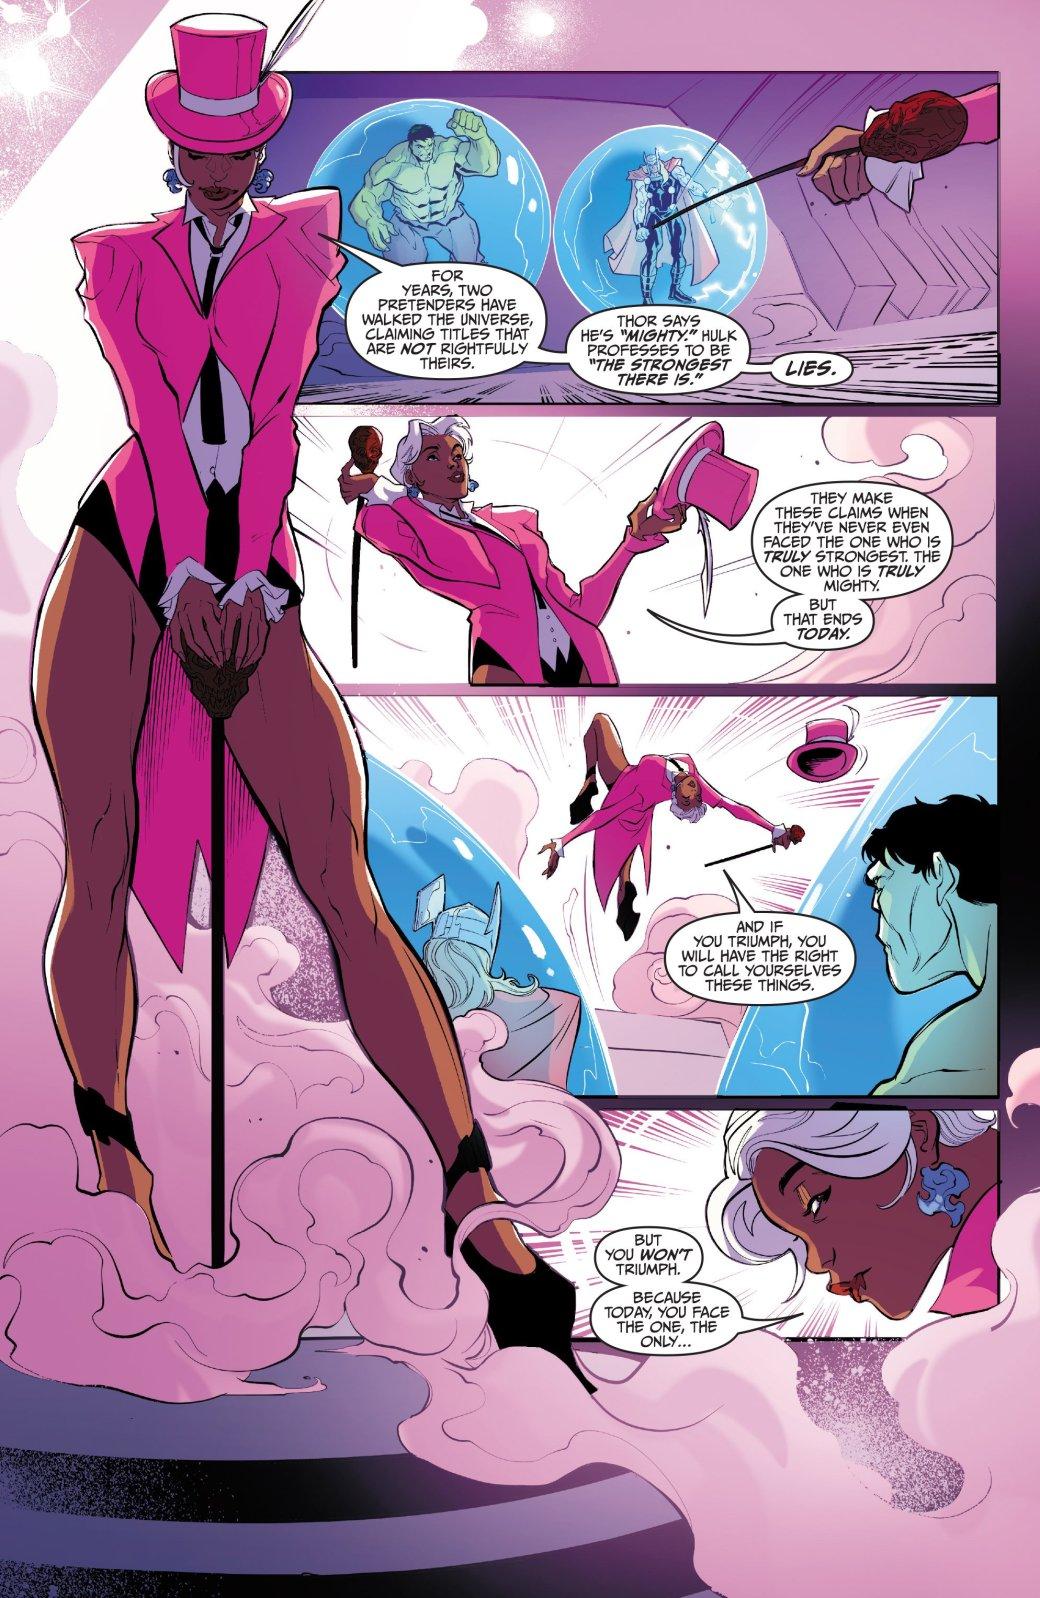 Скем изачем сражаются Тор иХалк вновом комиксе Marvel?. - Изображение 1